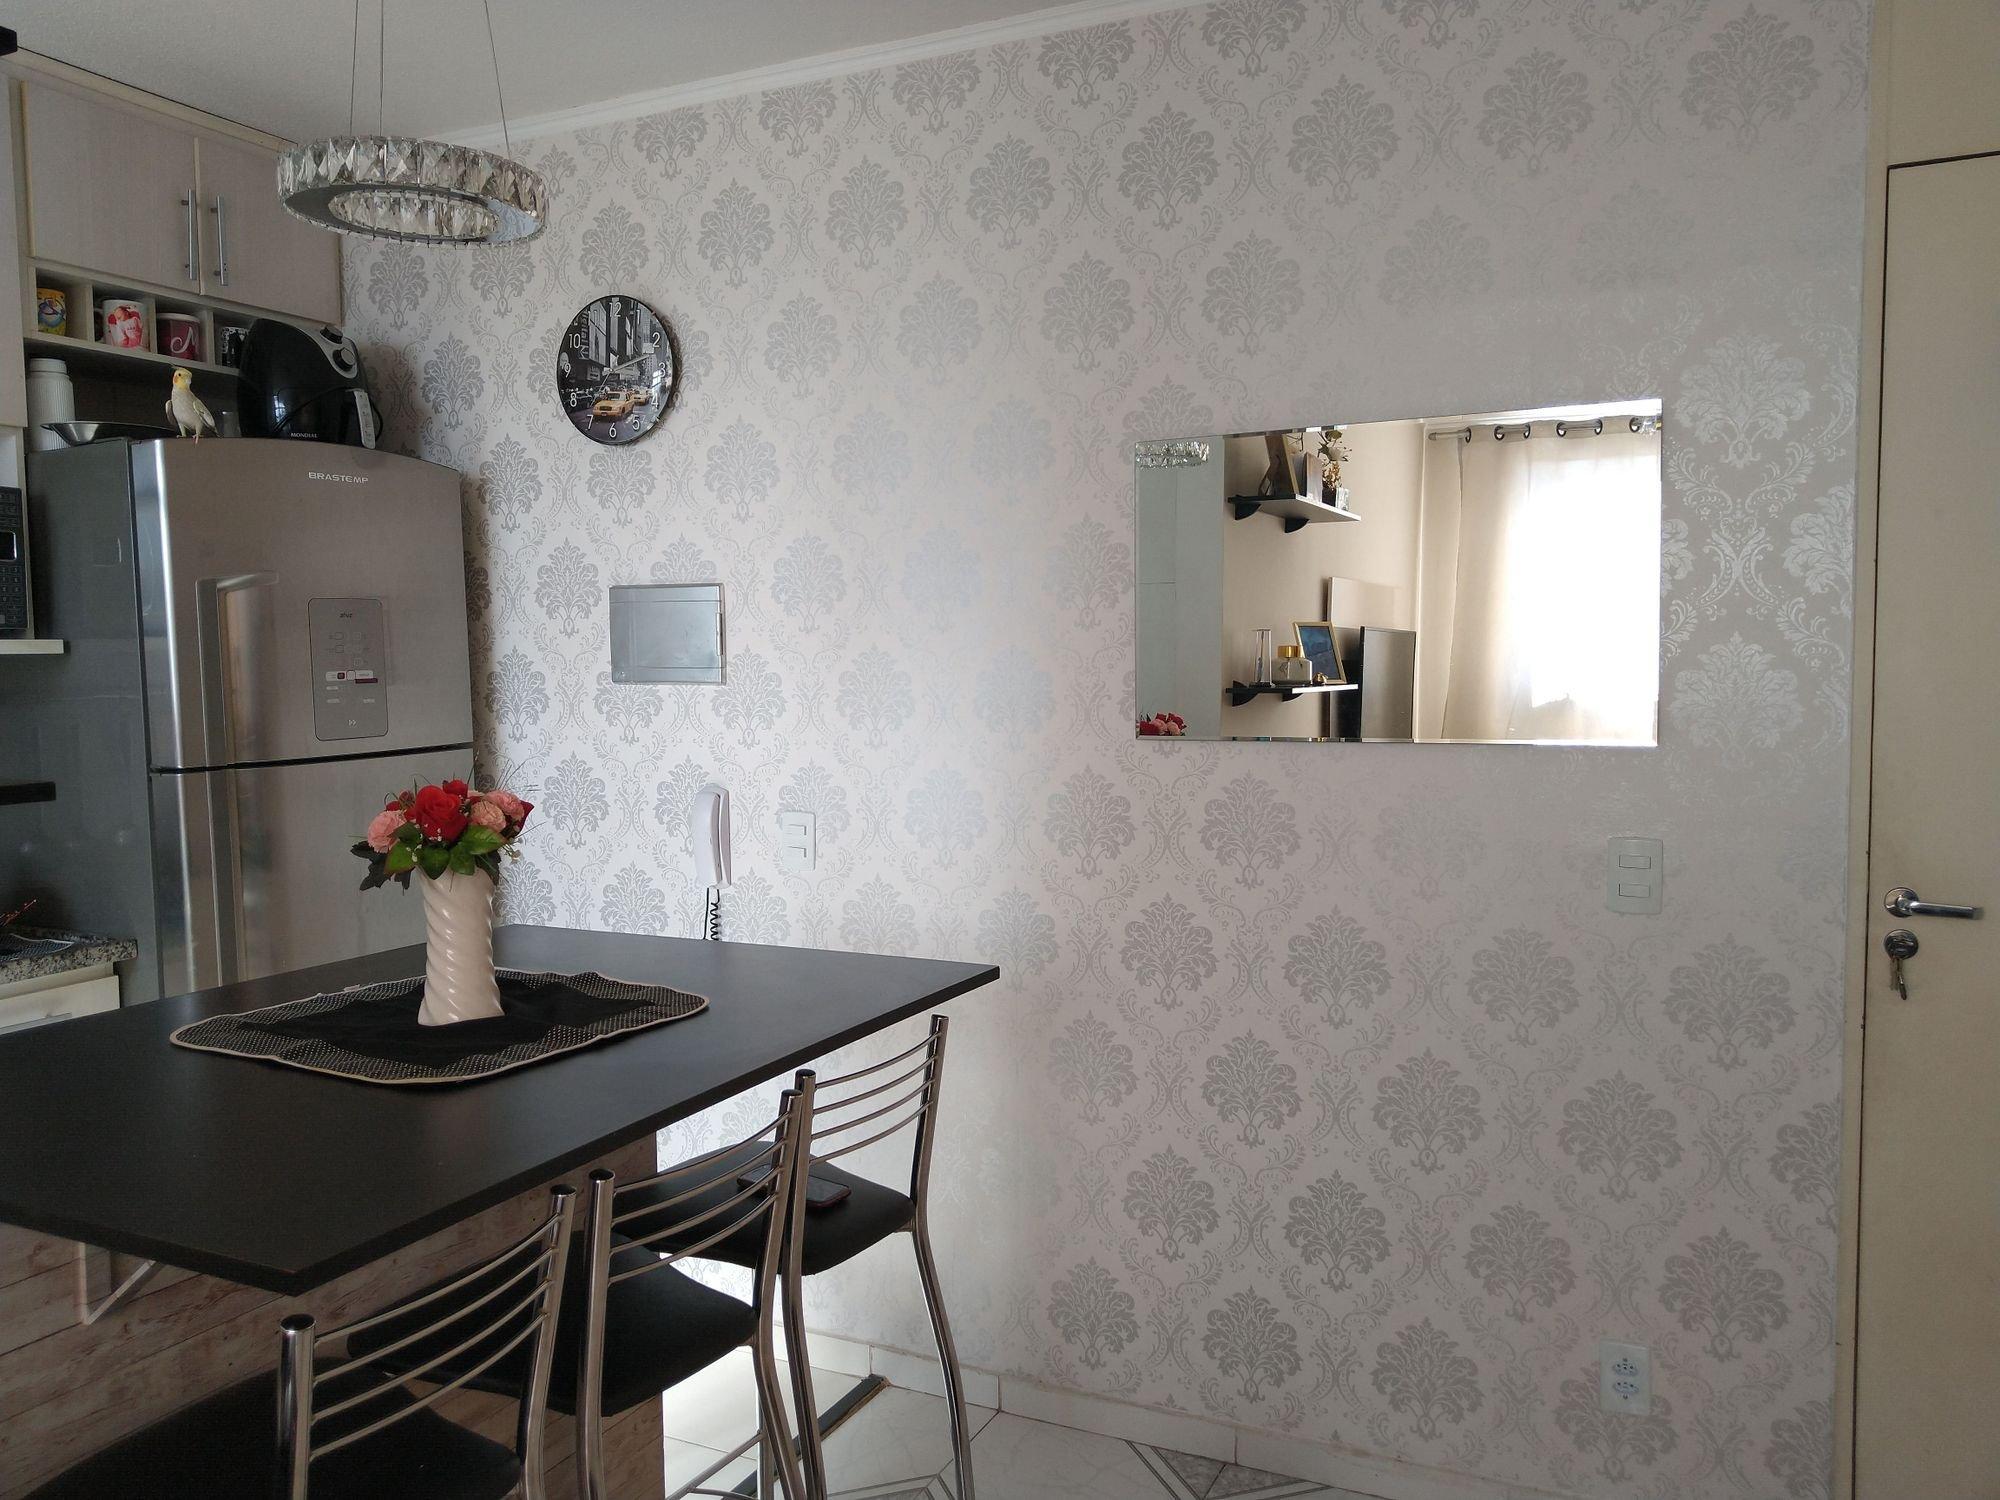 Foto de Hall com vaso, relógio, geladeira, cadeira, mesa de jantar